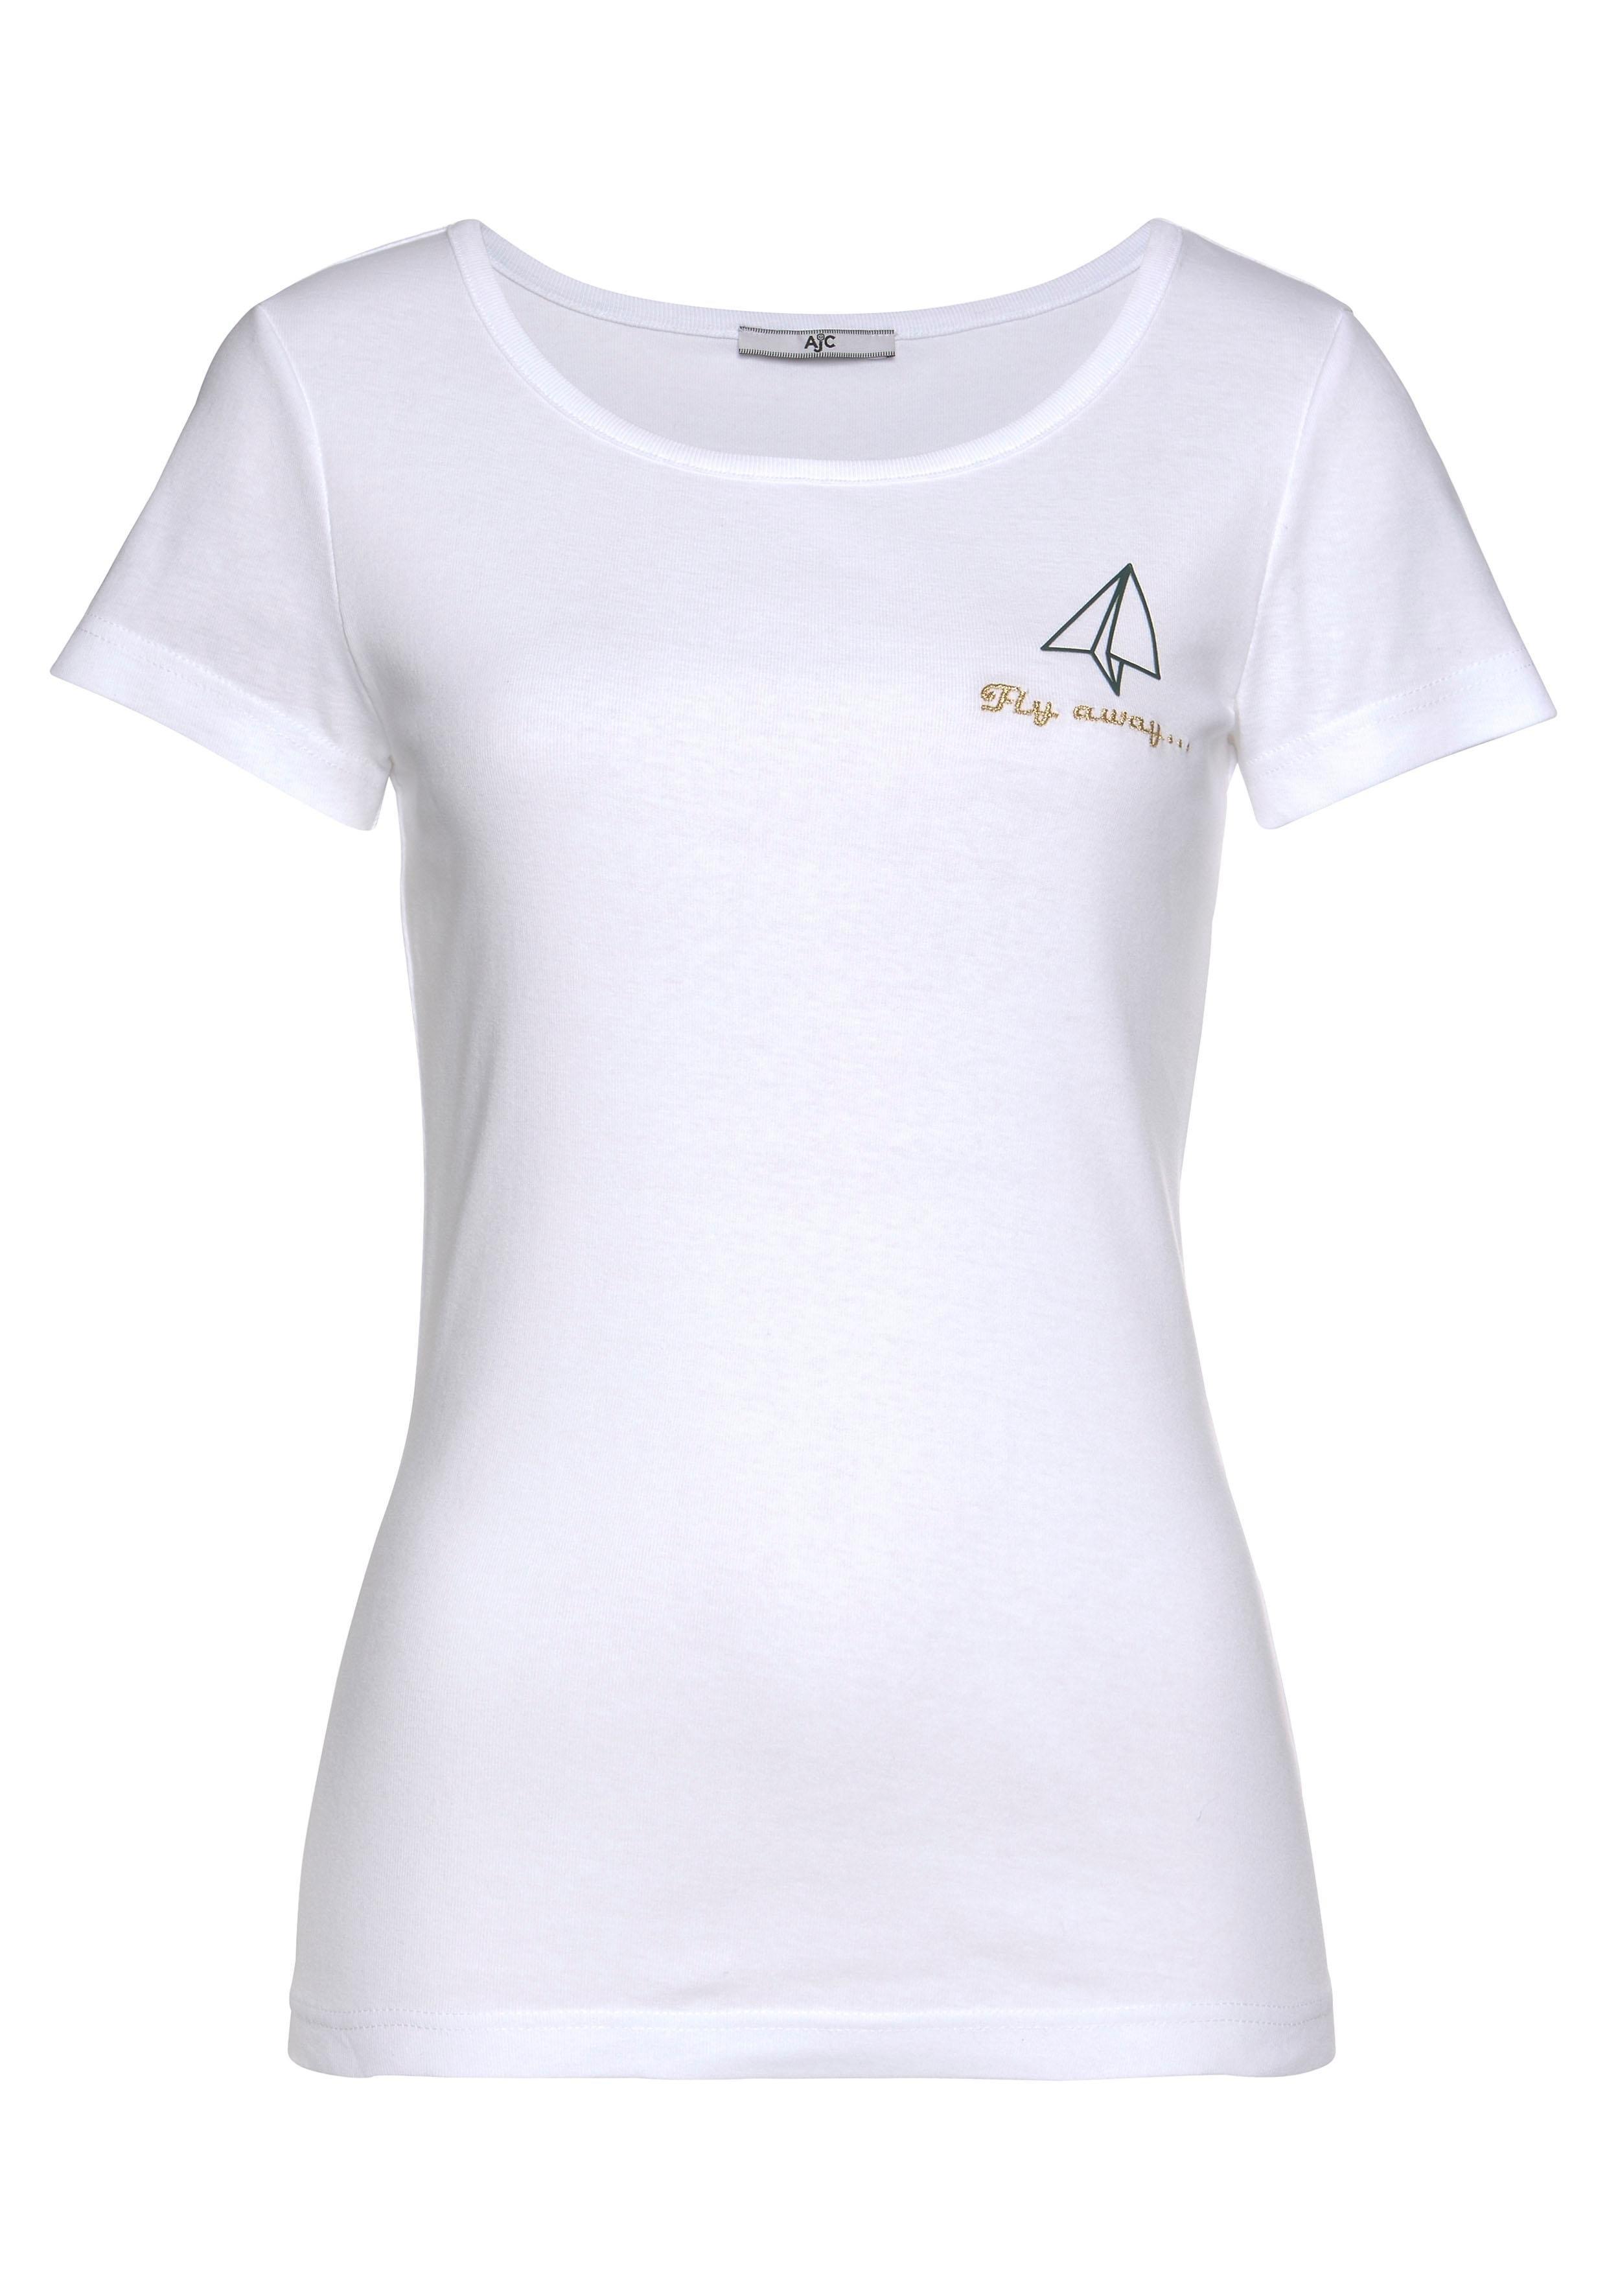 AJC T-shirt - gratis ruilen op otto.nl